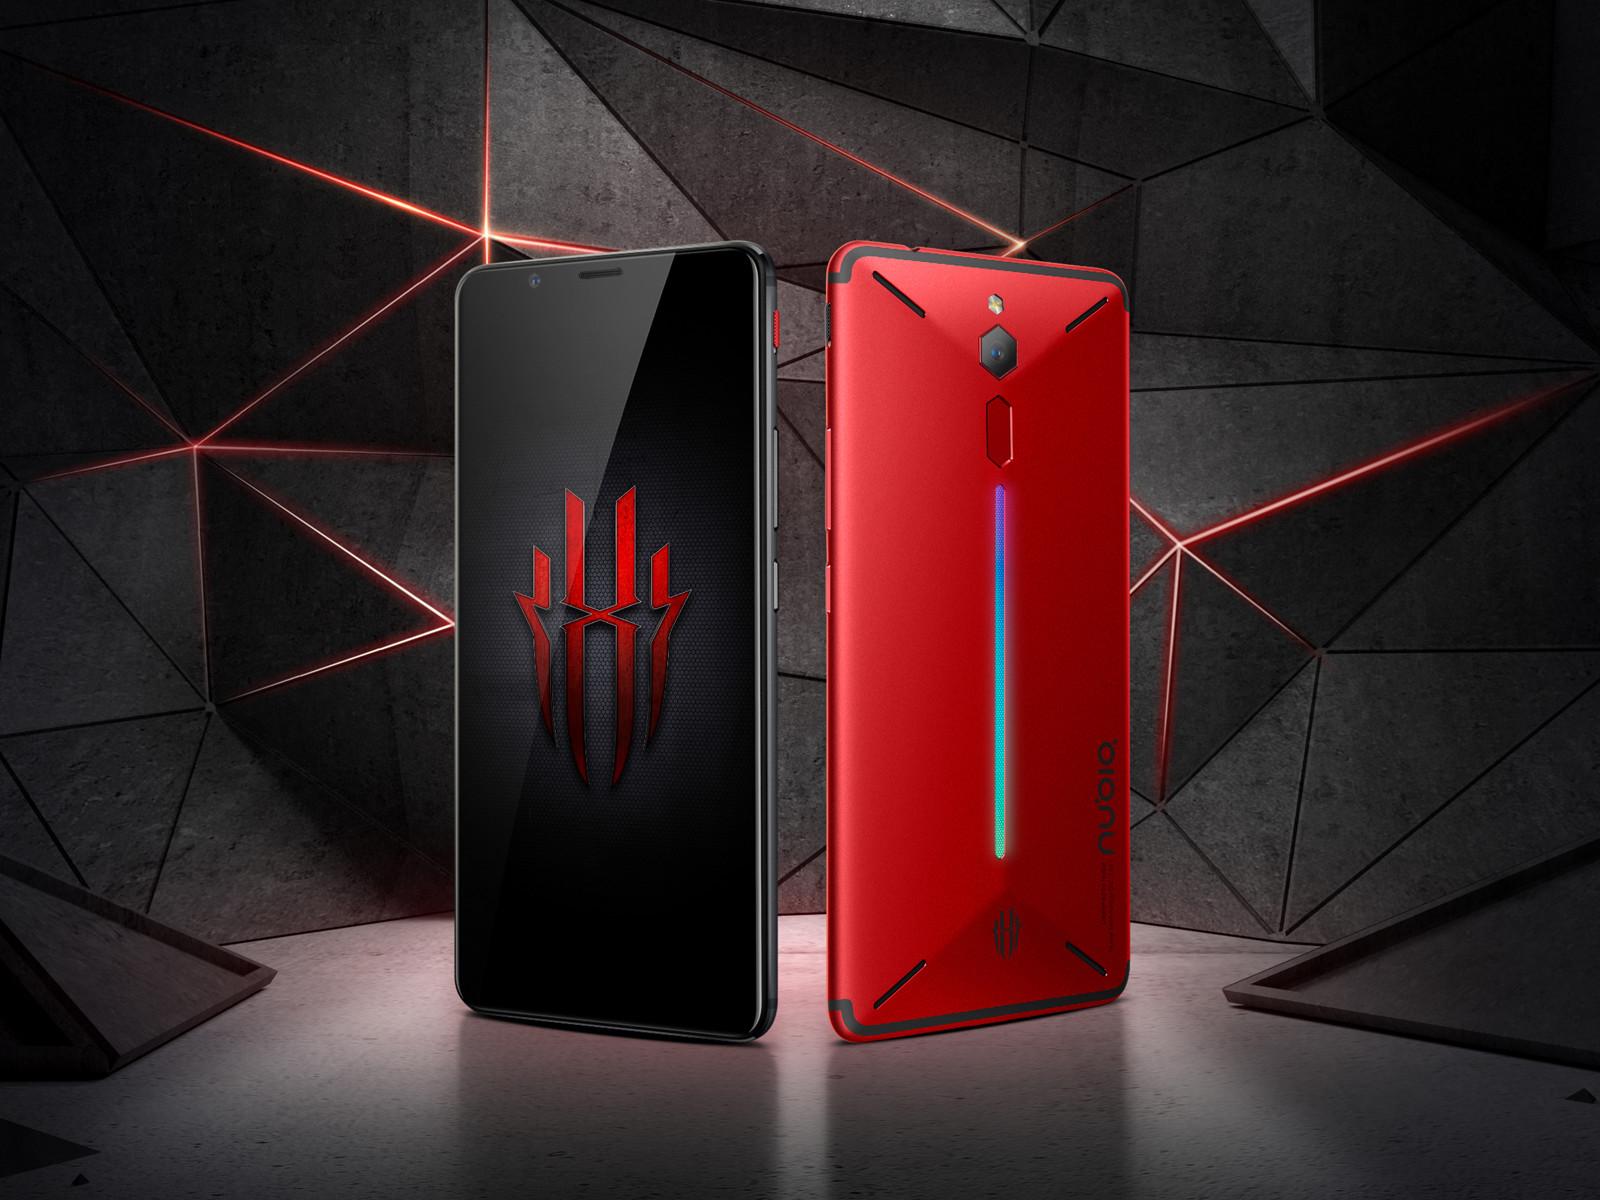 努比亚红魔电竞游戏手机(64GB)整体外观第3张